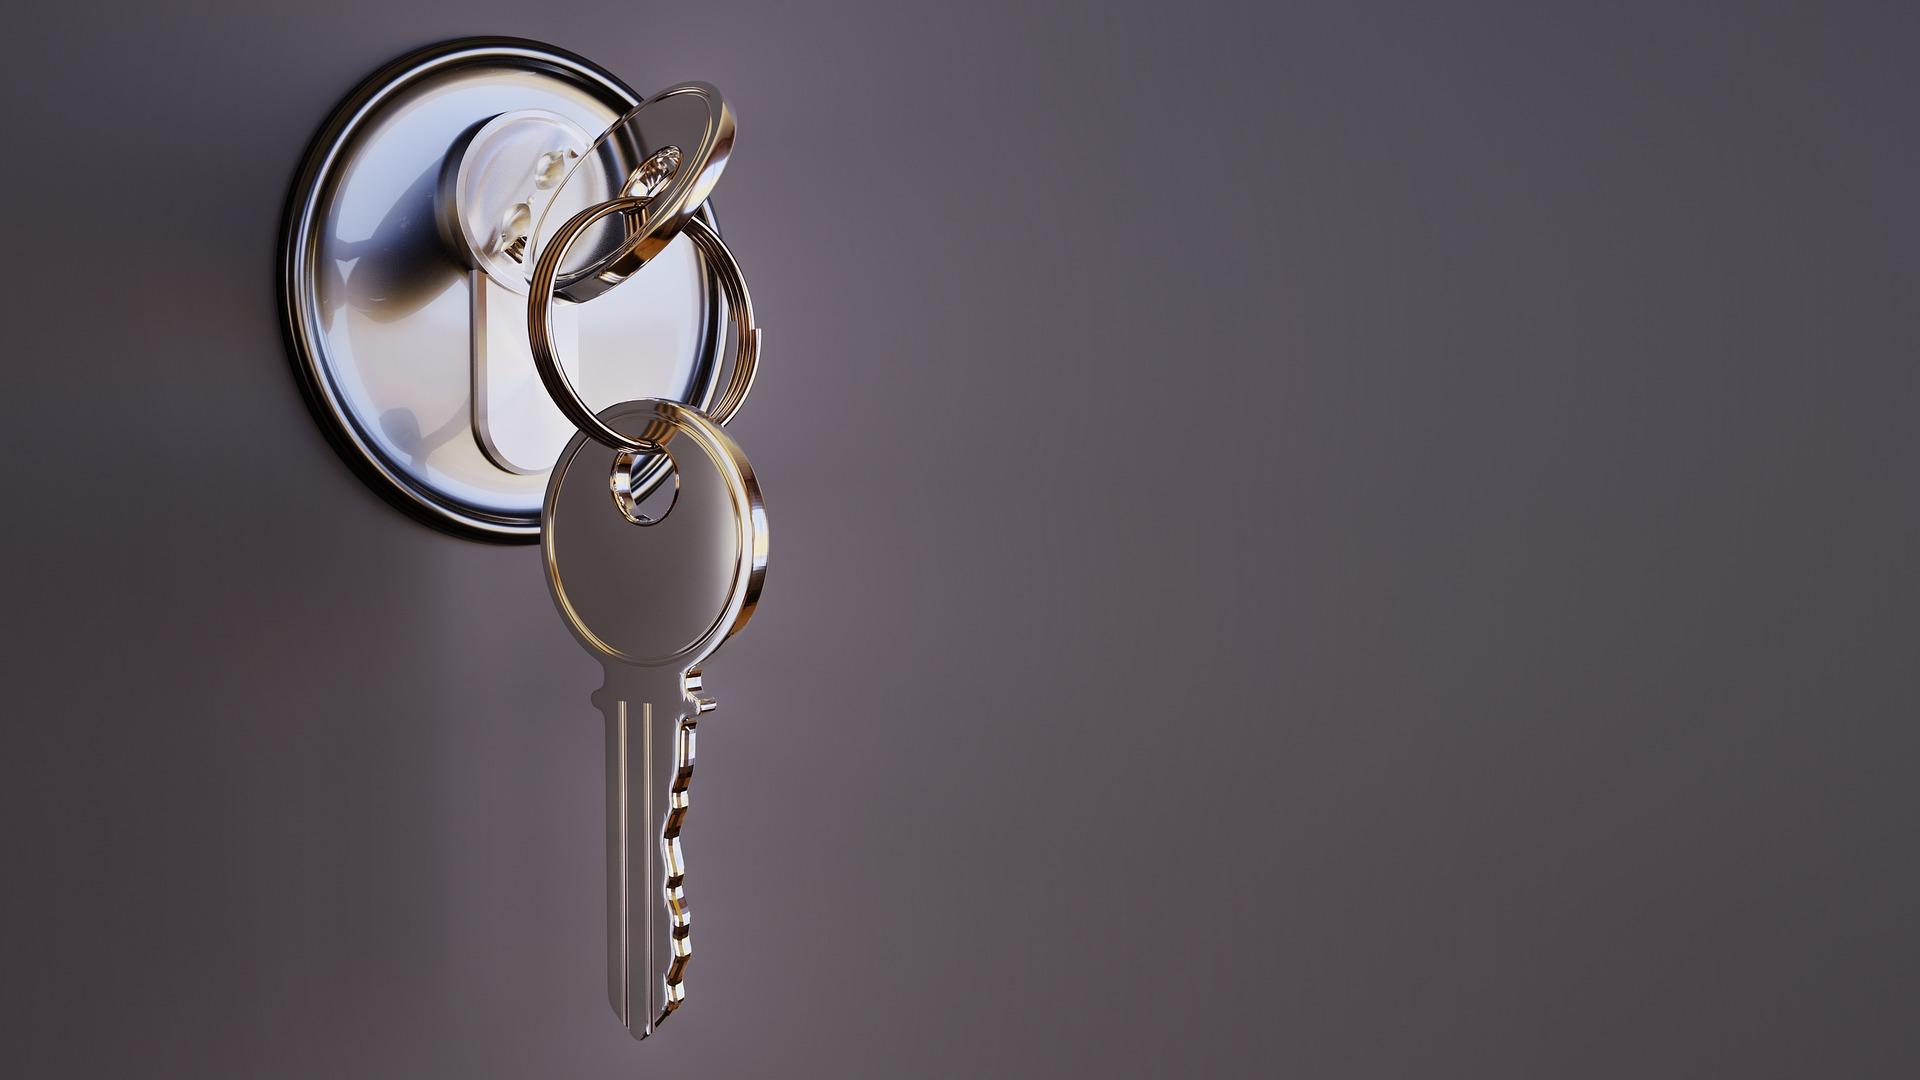 klíč v zámku